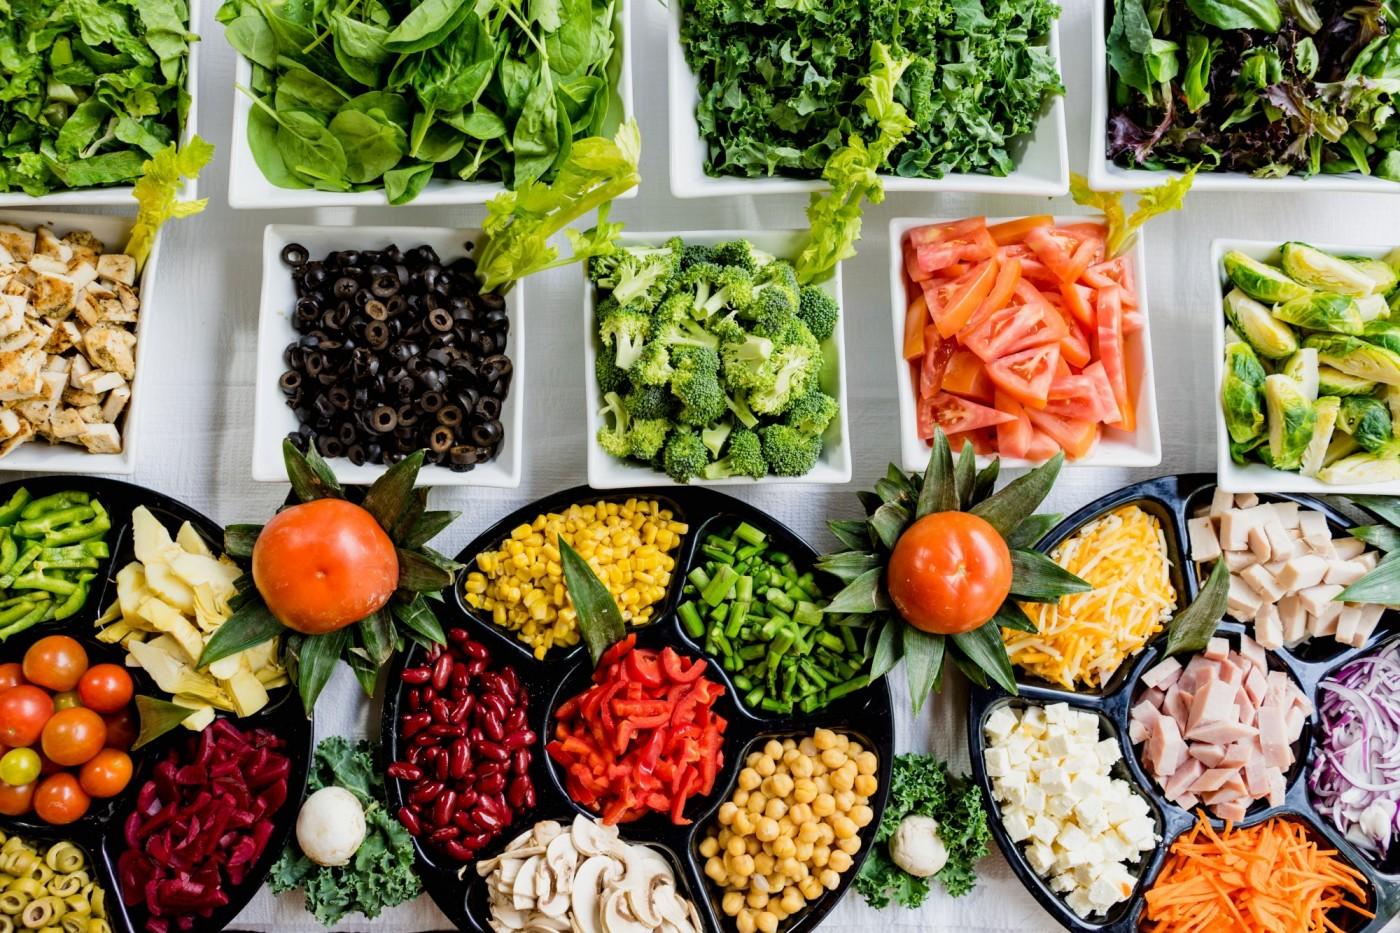 只花2年就開了1000家餐廳──雲端廚房佼佼者Rebel Foods的經營法則